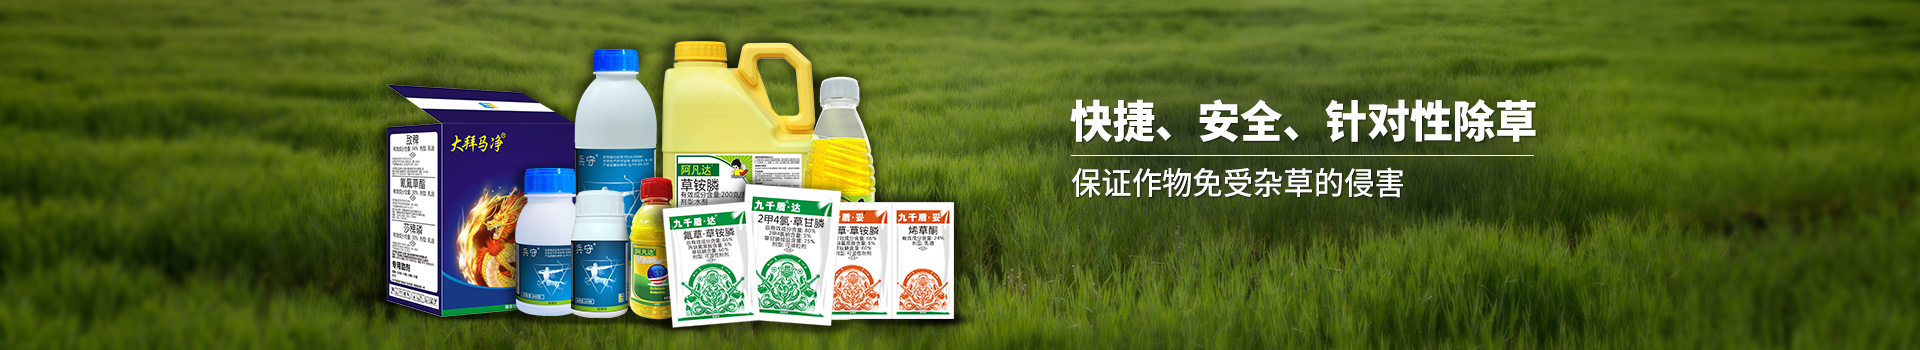 盈辉-保证作物免受杂草的侵害